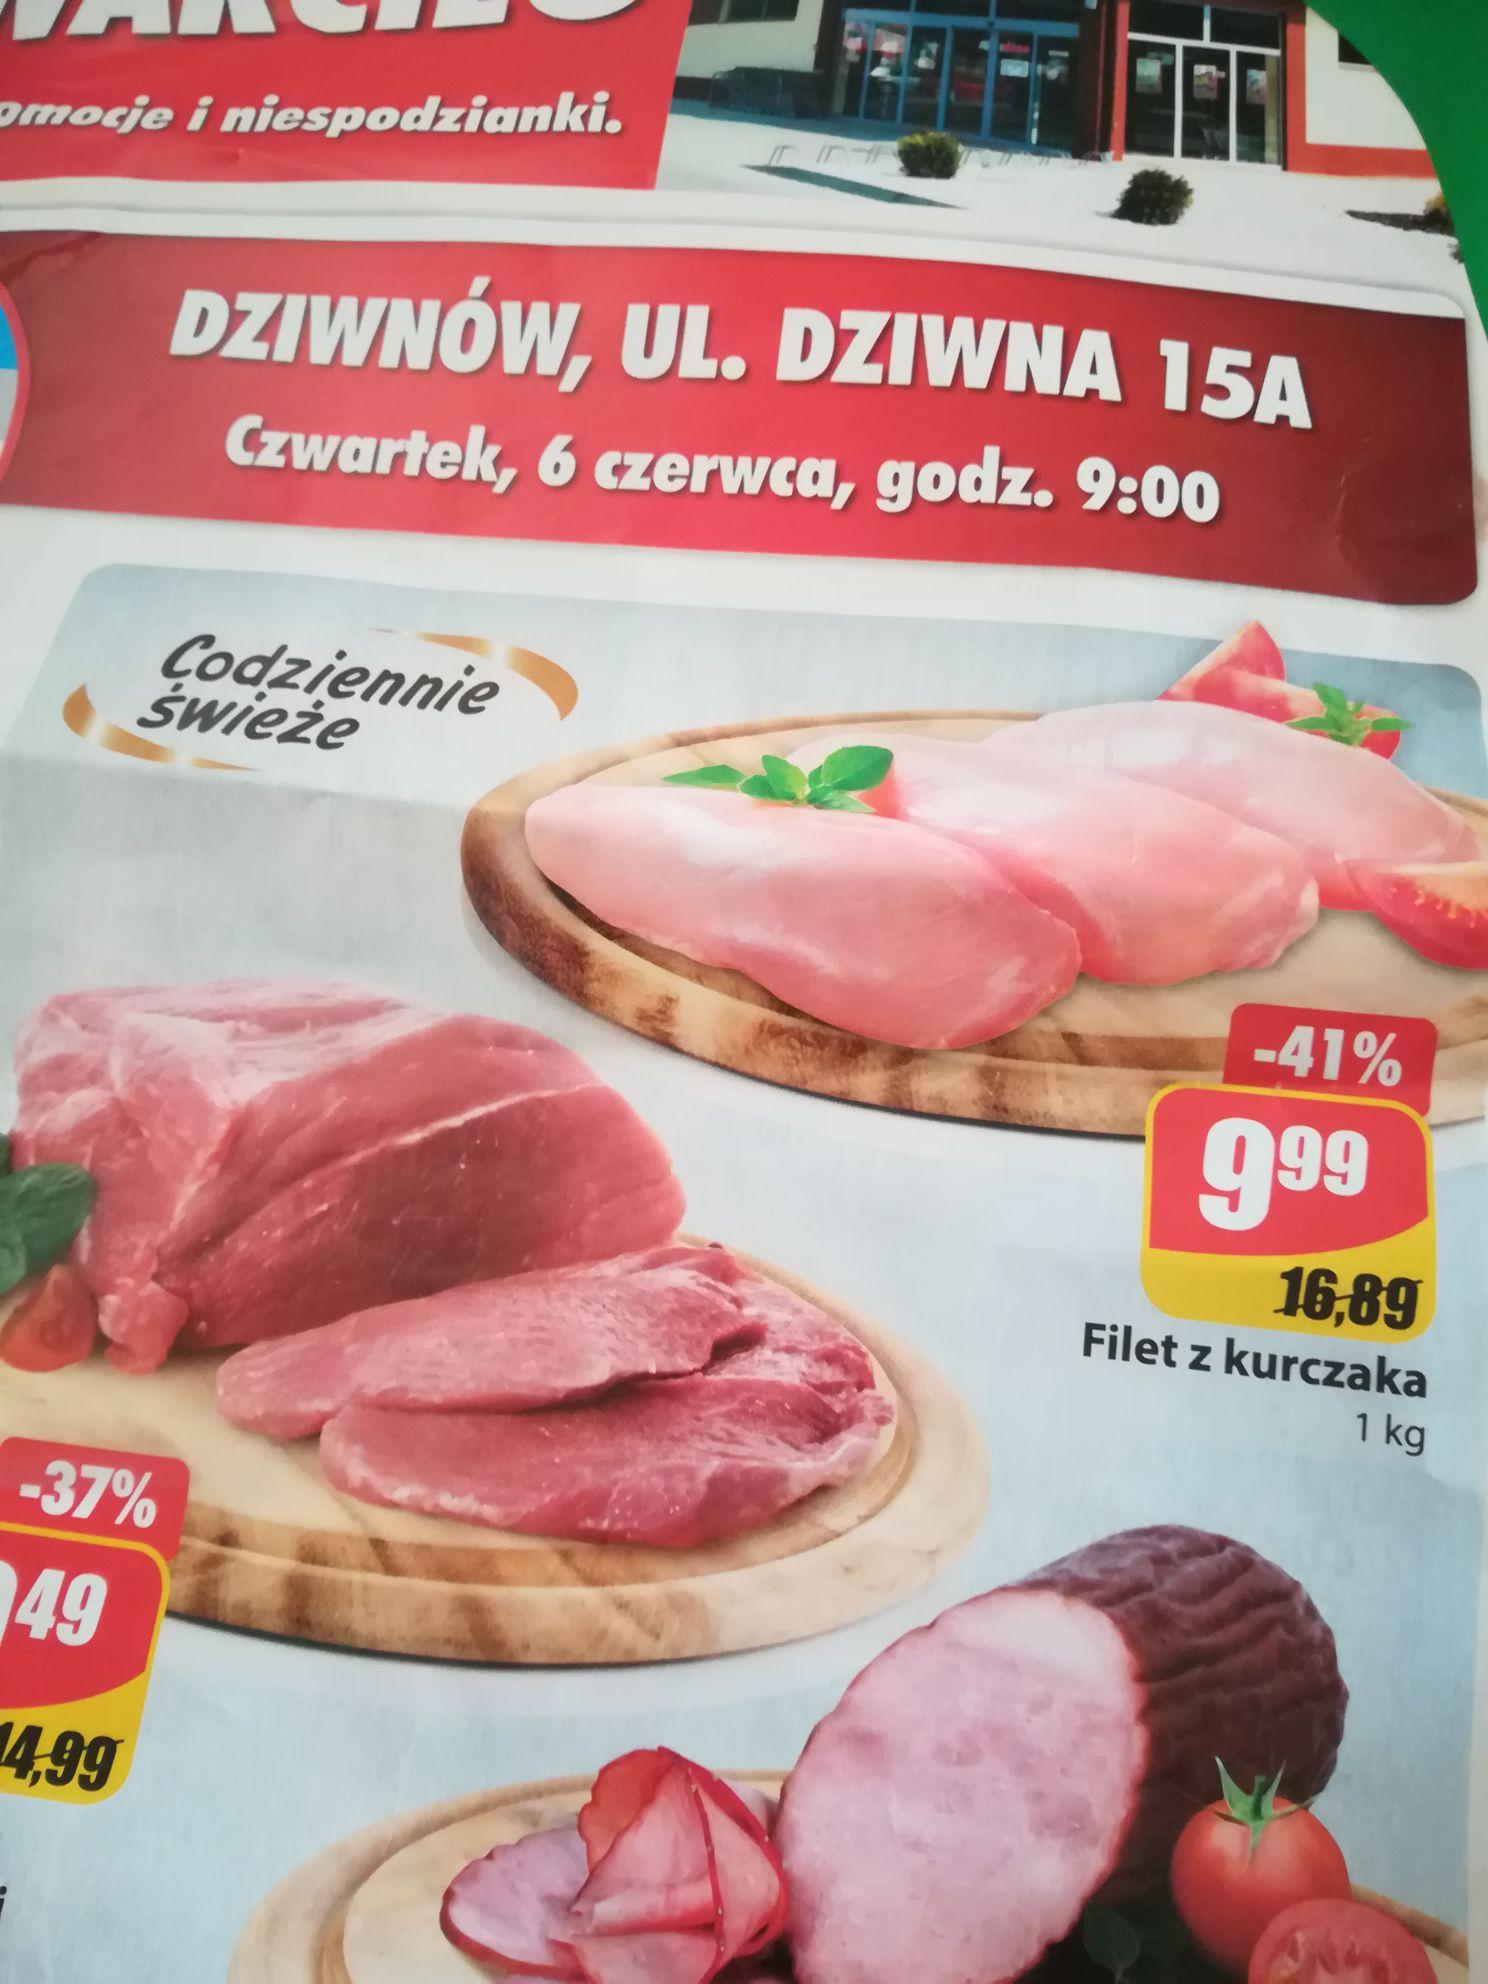 Filet z kurczaka na otwarcie Dino Dziwnów do 08.06 do 22:00